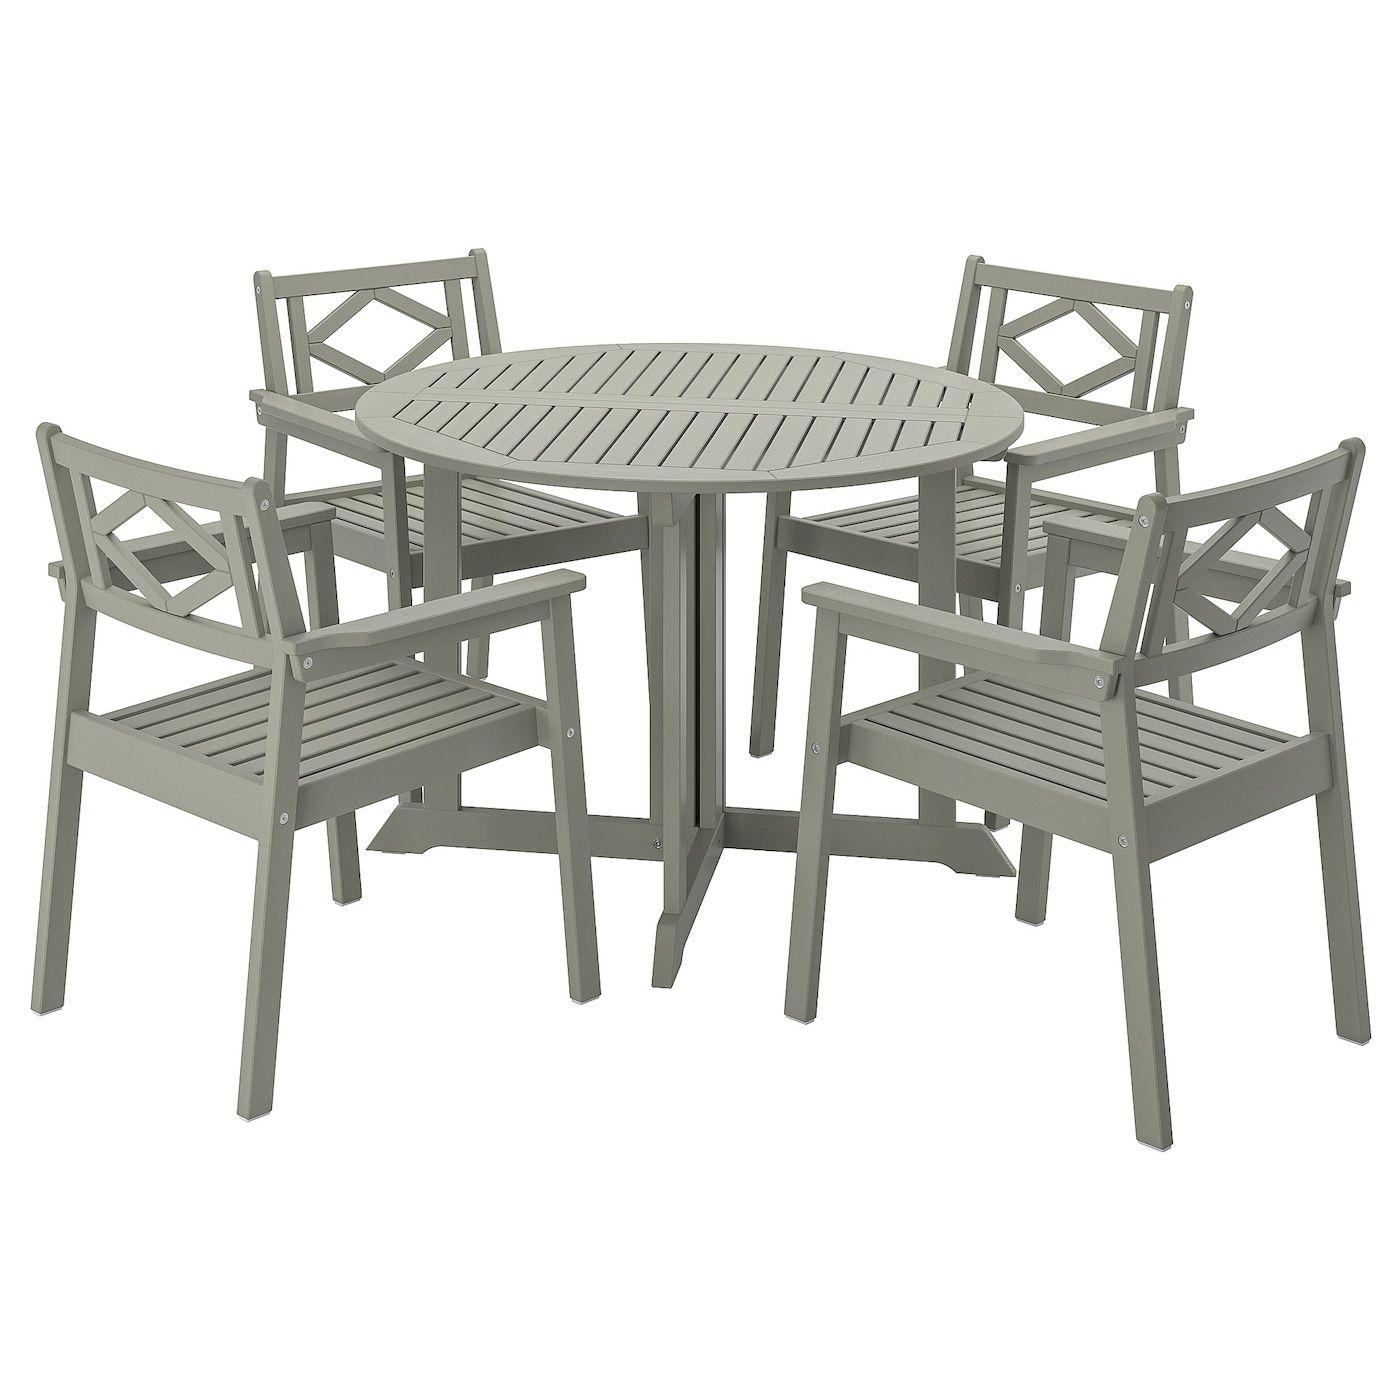 Bondholmen Tisch 4 Armlehnstuhle Aussen Grau Las Ikea Osterreich In 2020 Outdoor Dining Furniture Outdoor Furniture Sets Outdoor Dining